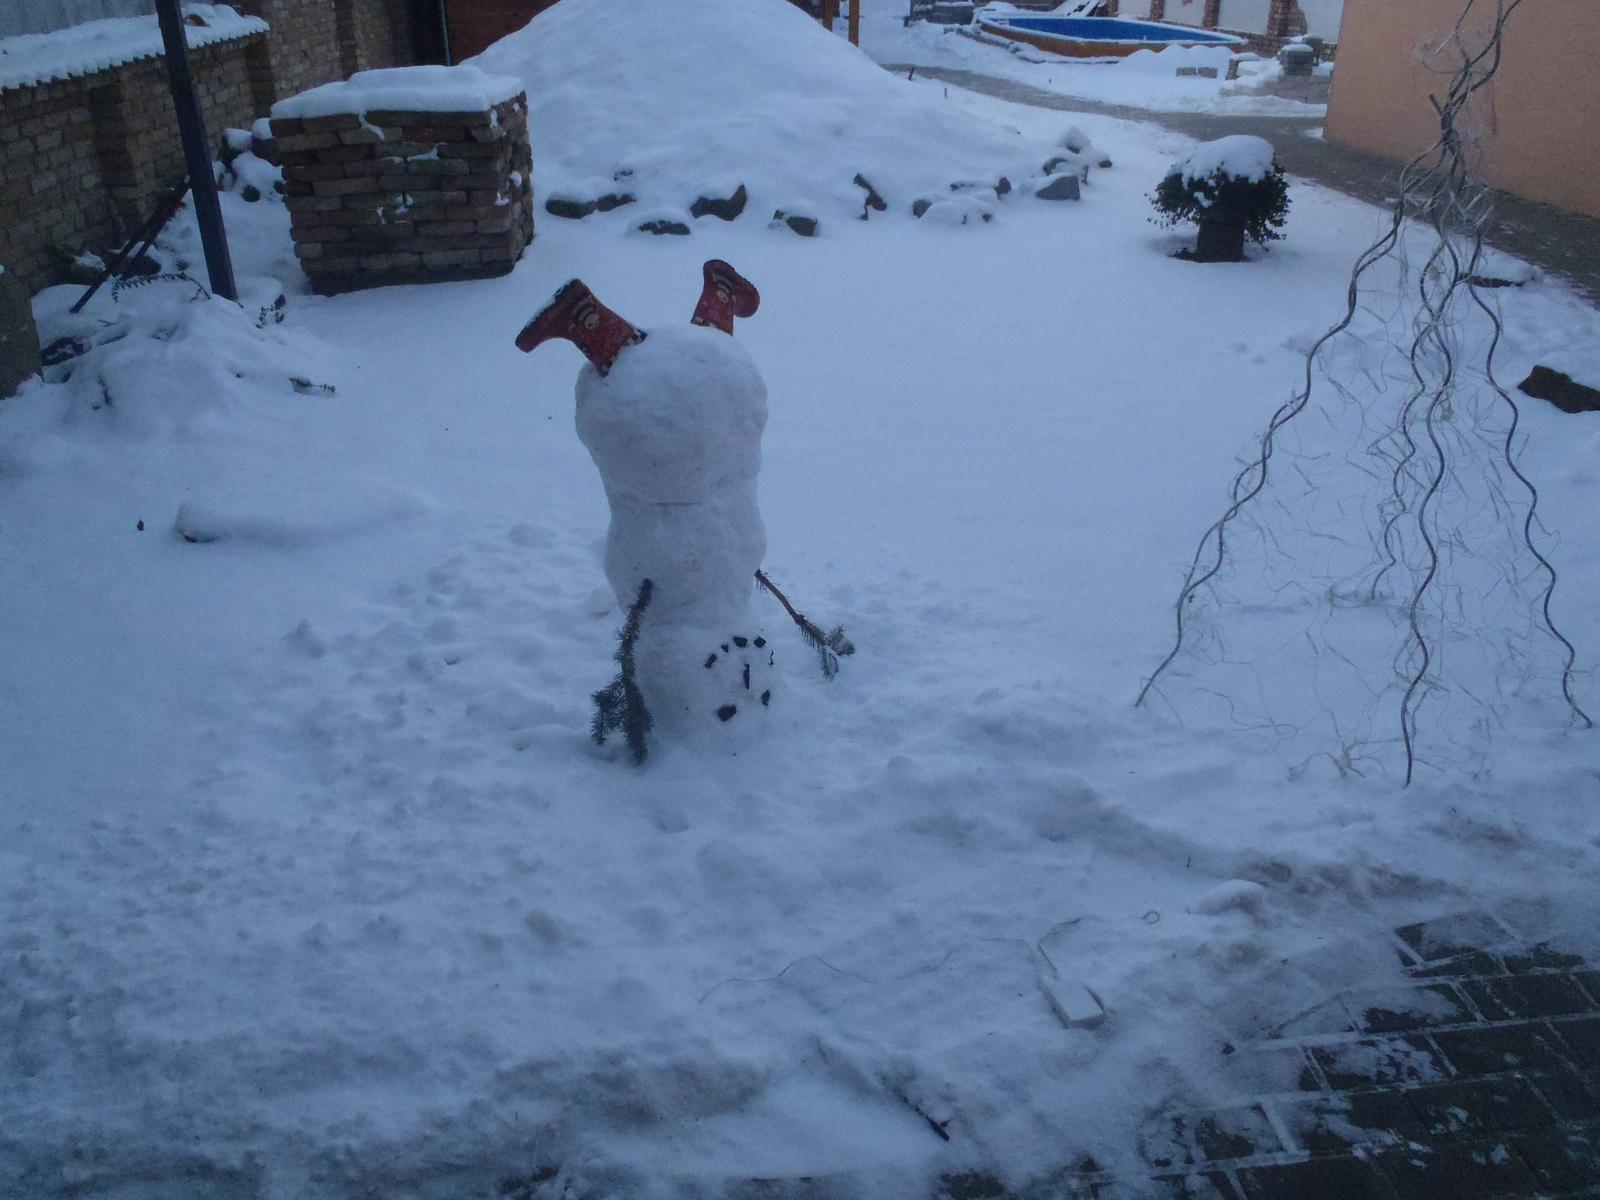 Vánoce 2012 - inspirace z MS, loni (předloni) byl u nás taky sníh ...